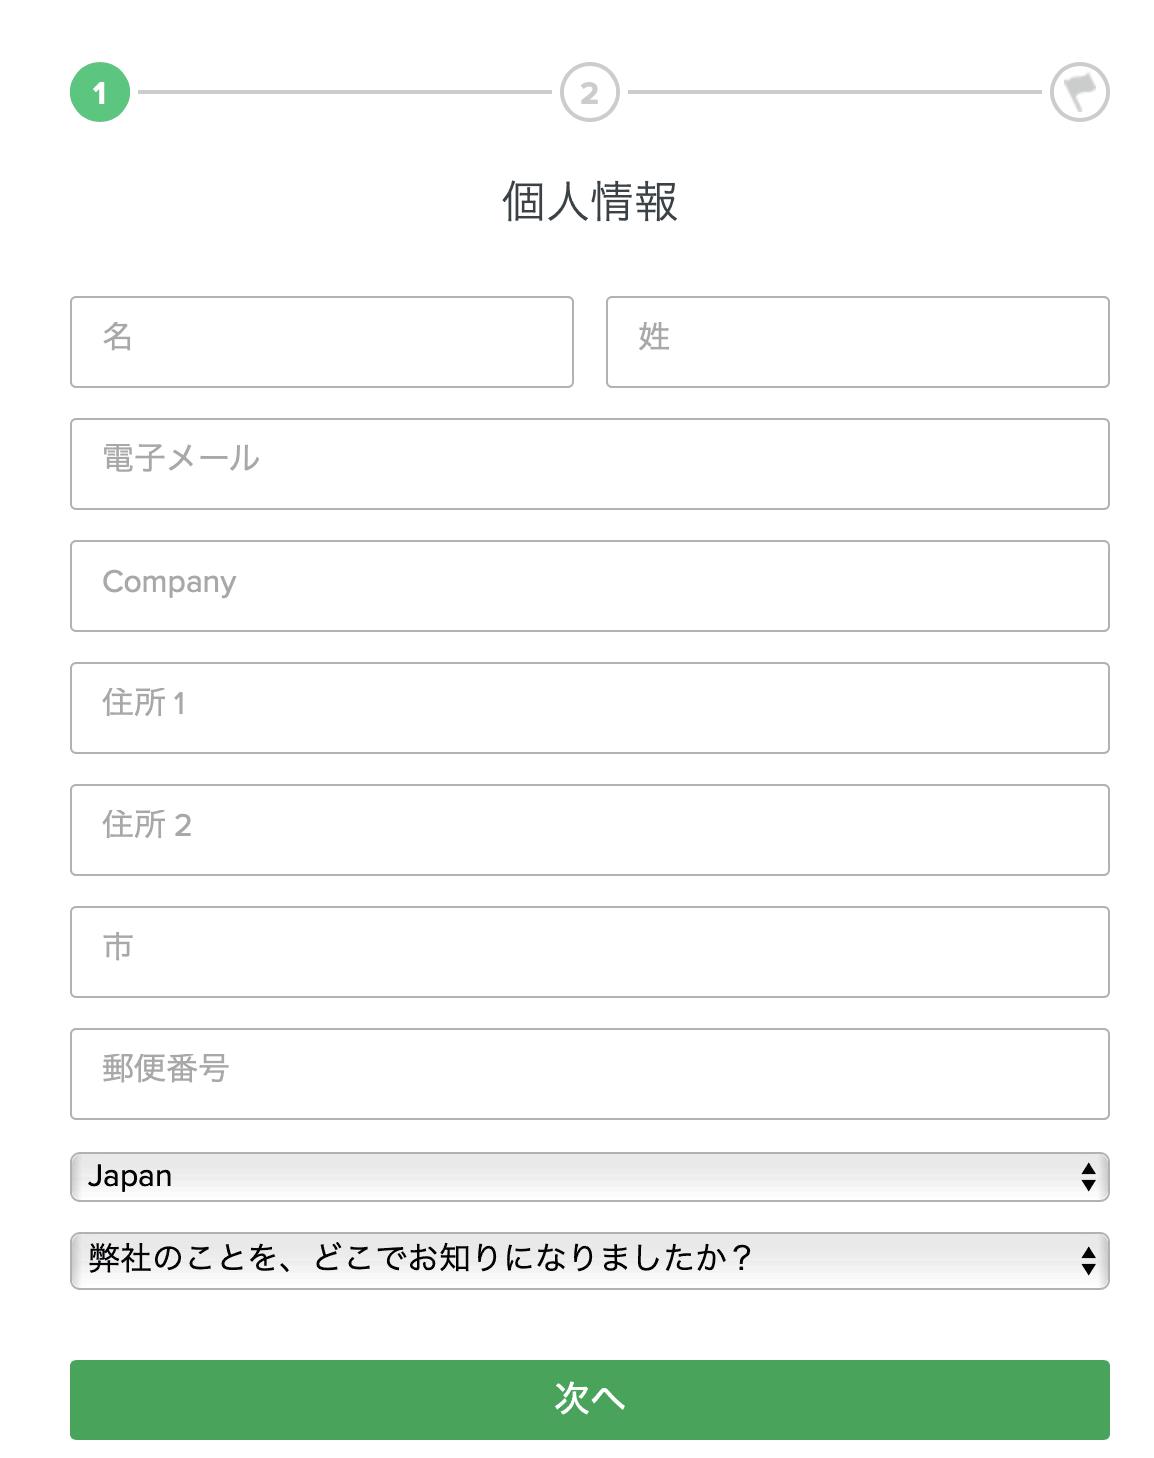 報告 avangate アカウント登録3